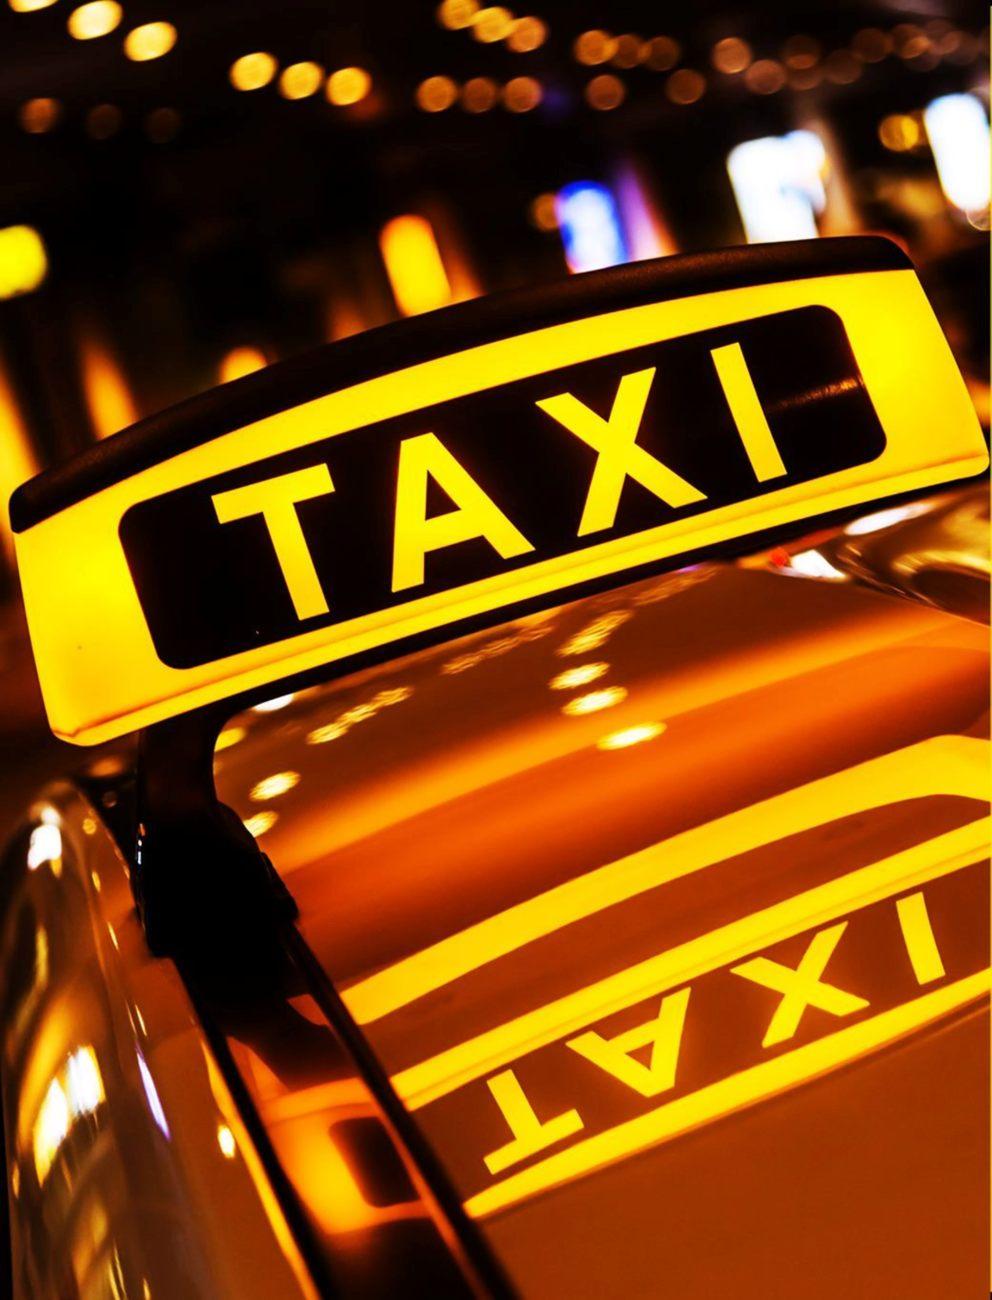 куплю картинки для такси удача остального мира